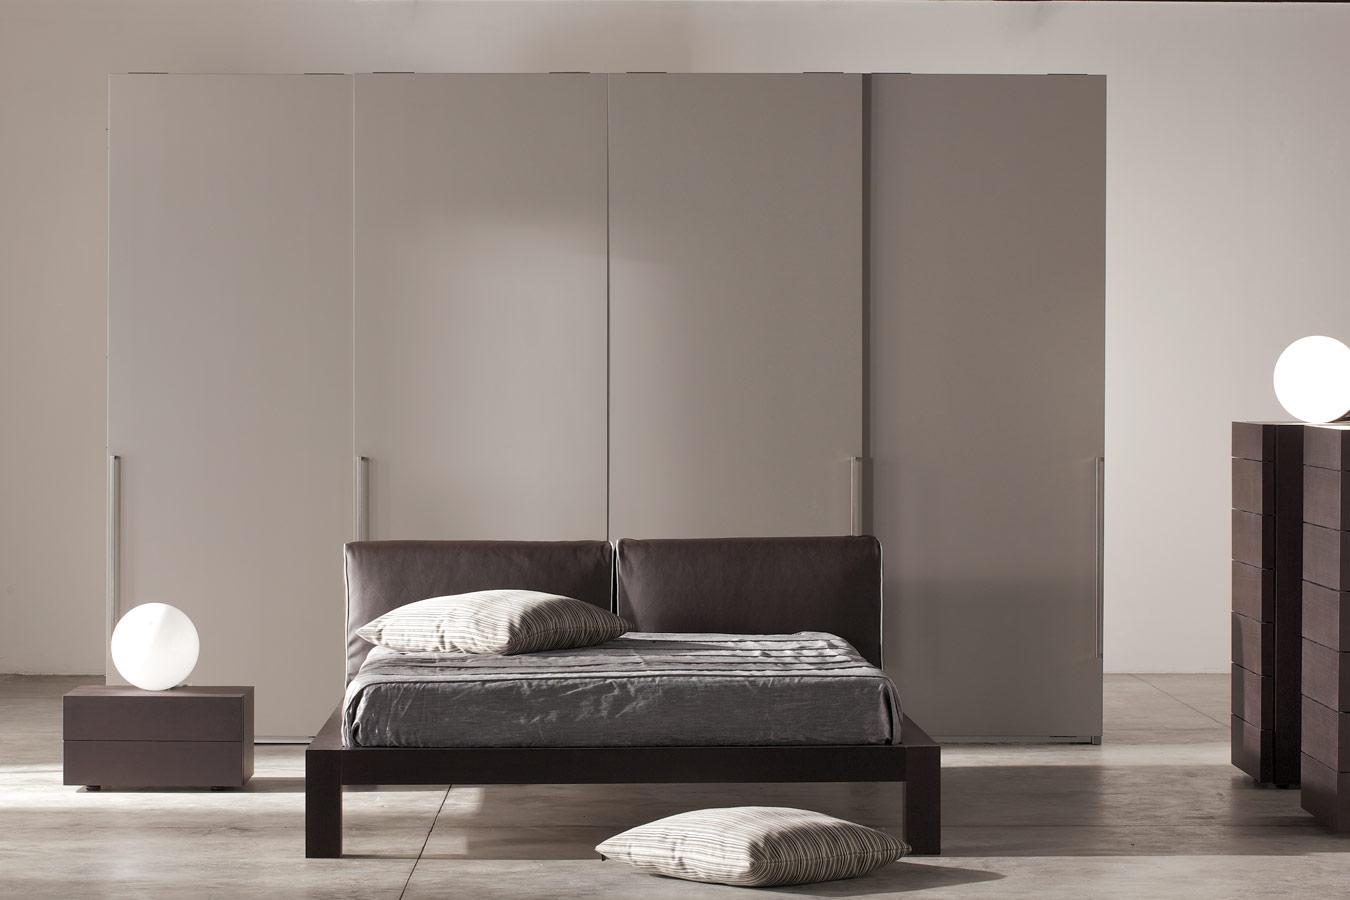 Slaapkamer Lamp Ideeen : Moderne slaapkamer ideeën inspiratie